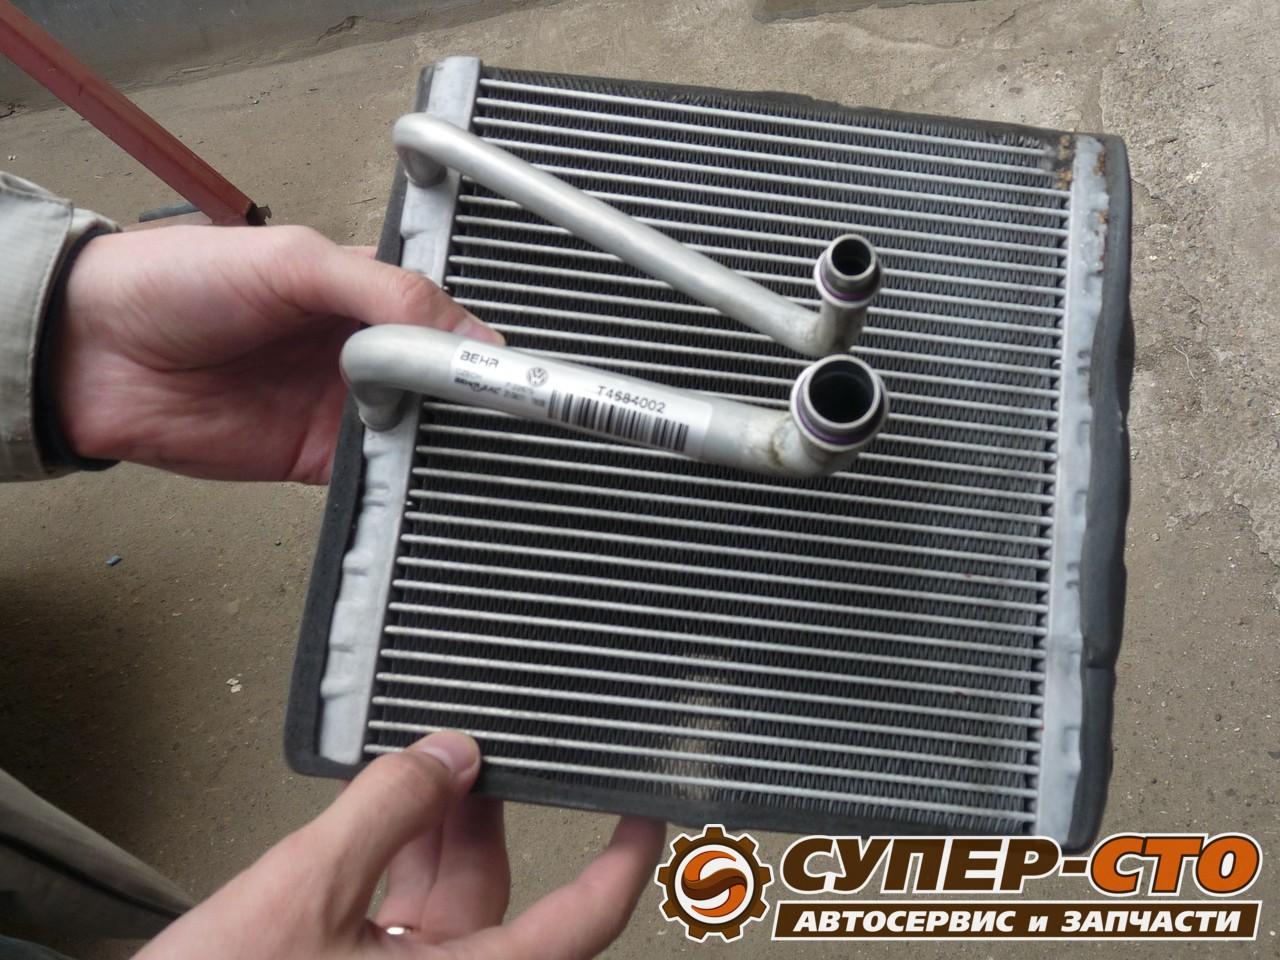 Обогреватель из радиатора автомобиля своими руками